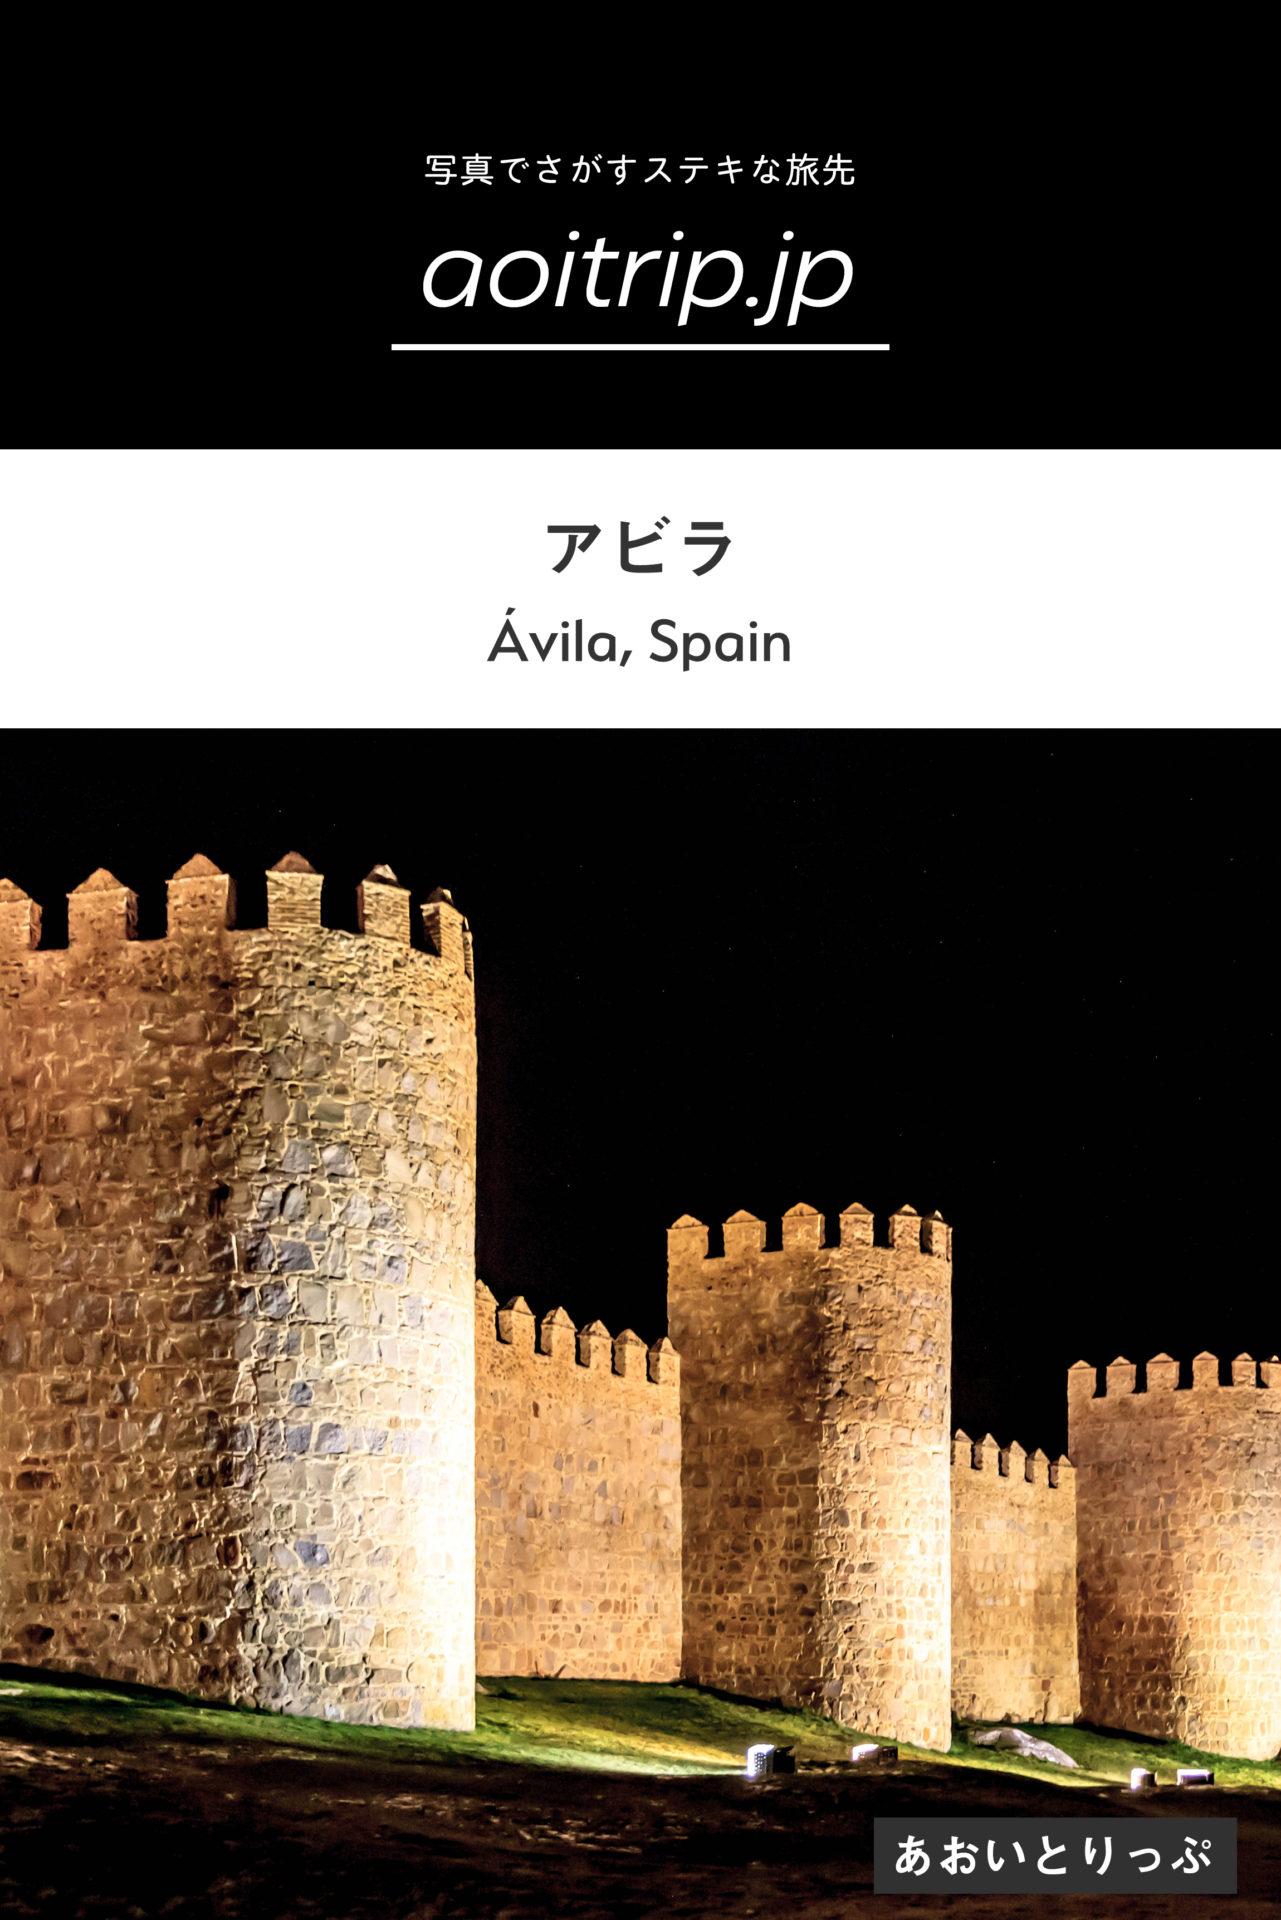 スペイン・アビラ 城壁と聖女の町|世界遺産Ávila, Spain